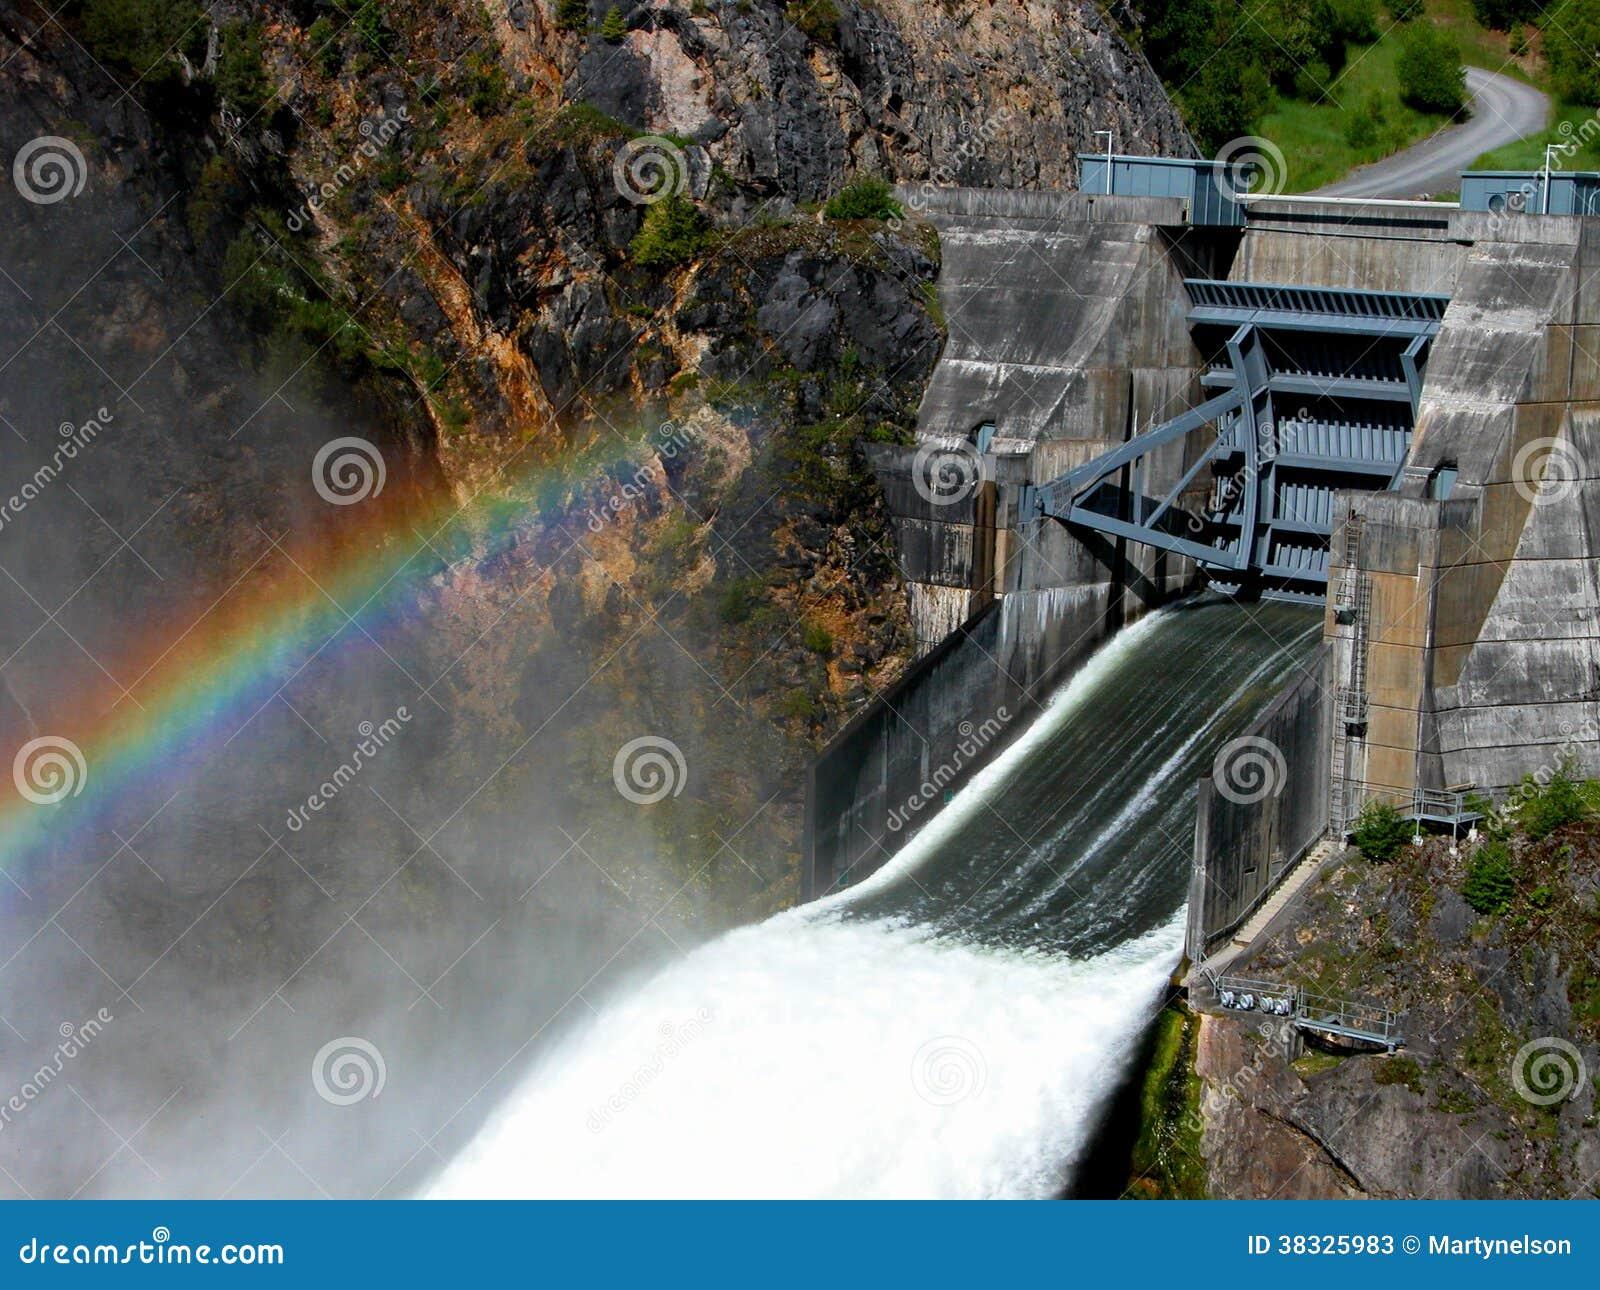 boundary dam spillway stock photo image 45306573